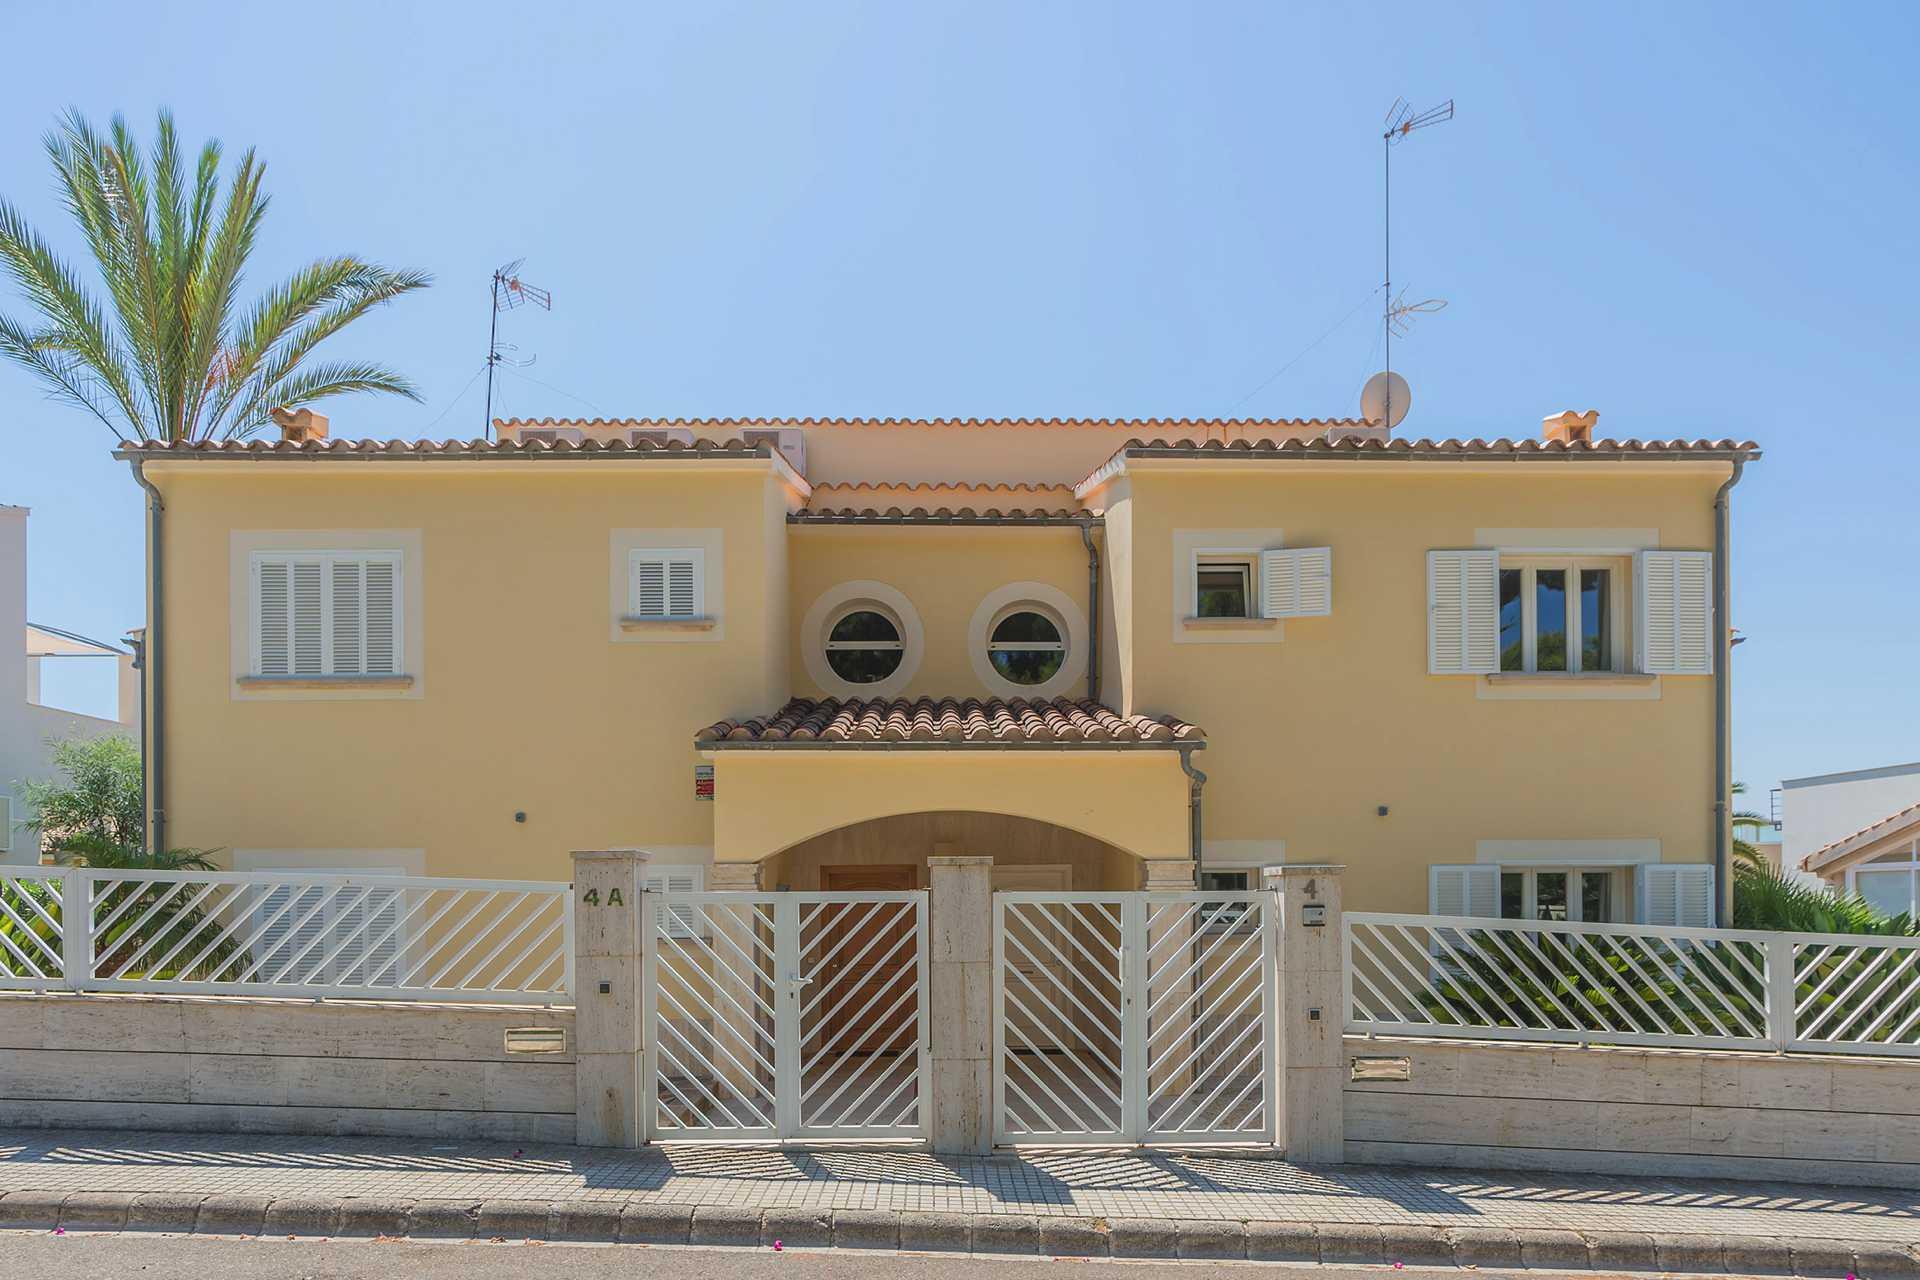 01-298 Golfplatz Chalet Mallorca Norden Bild 8